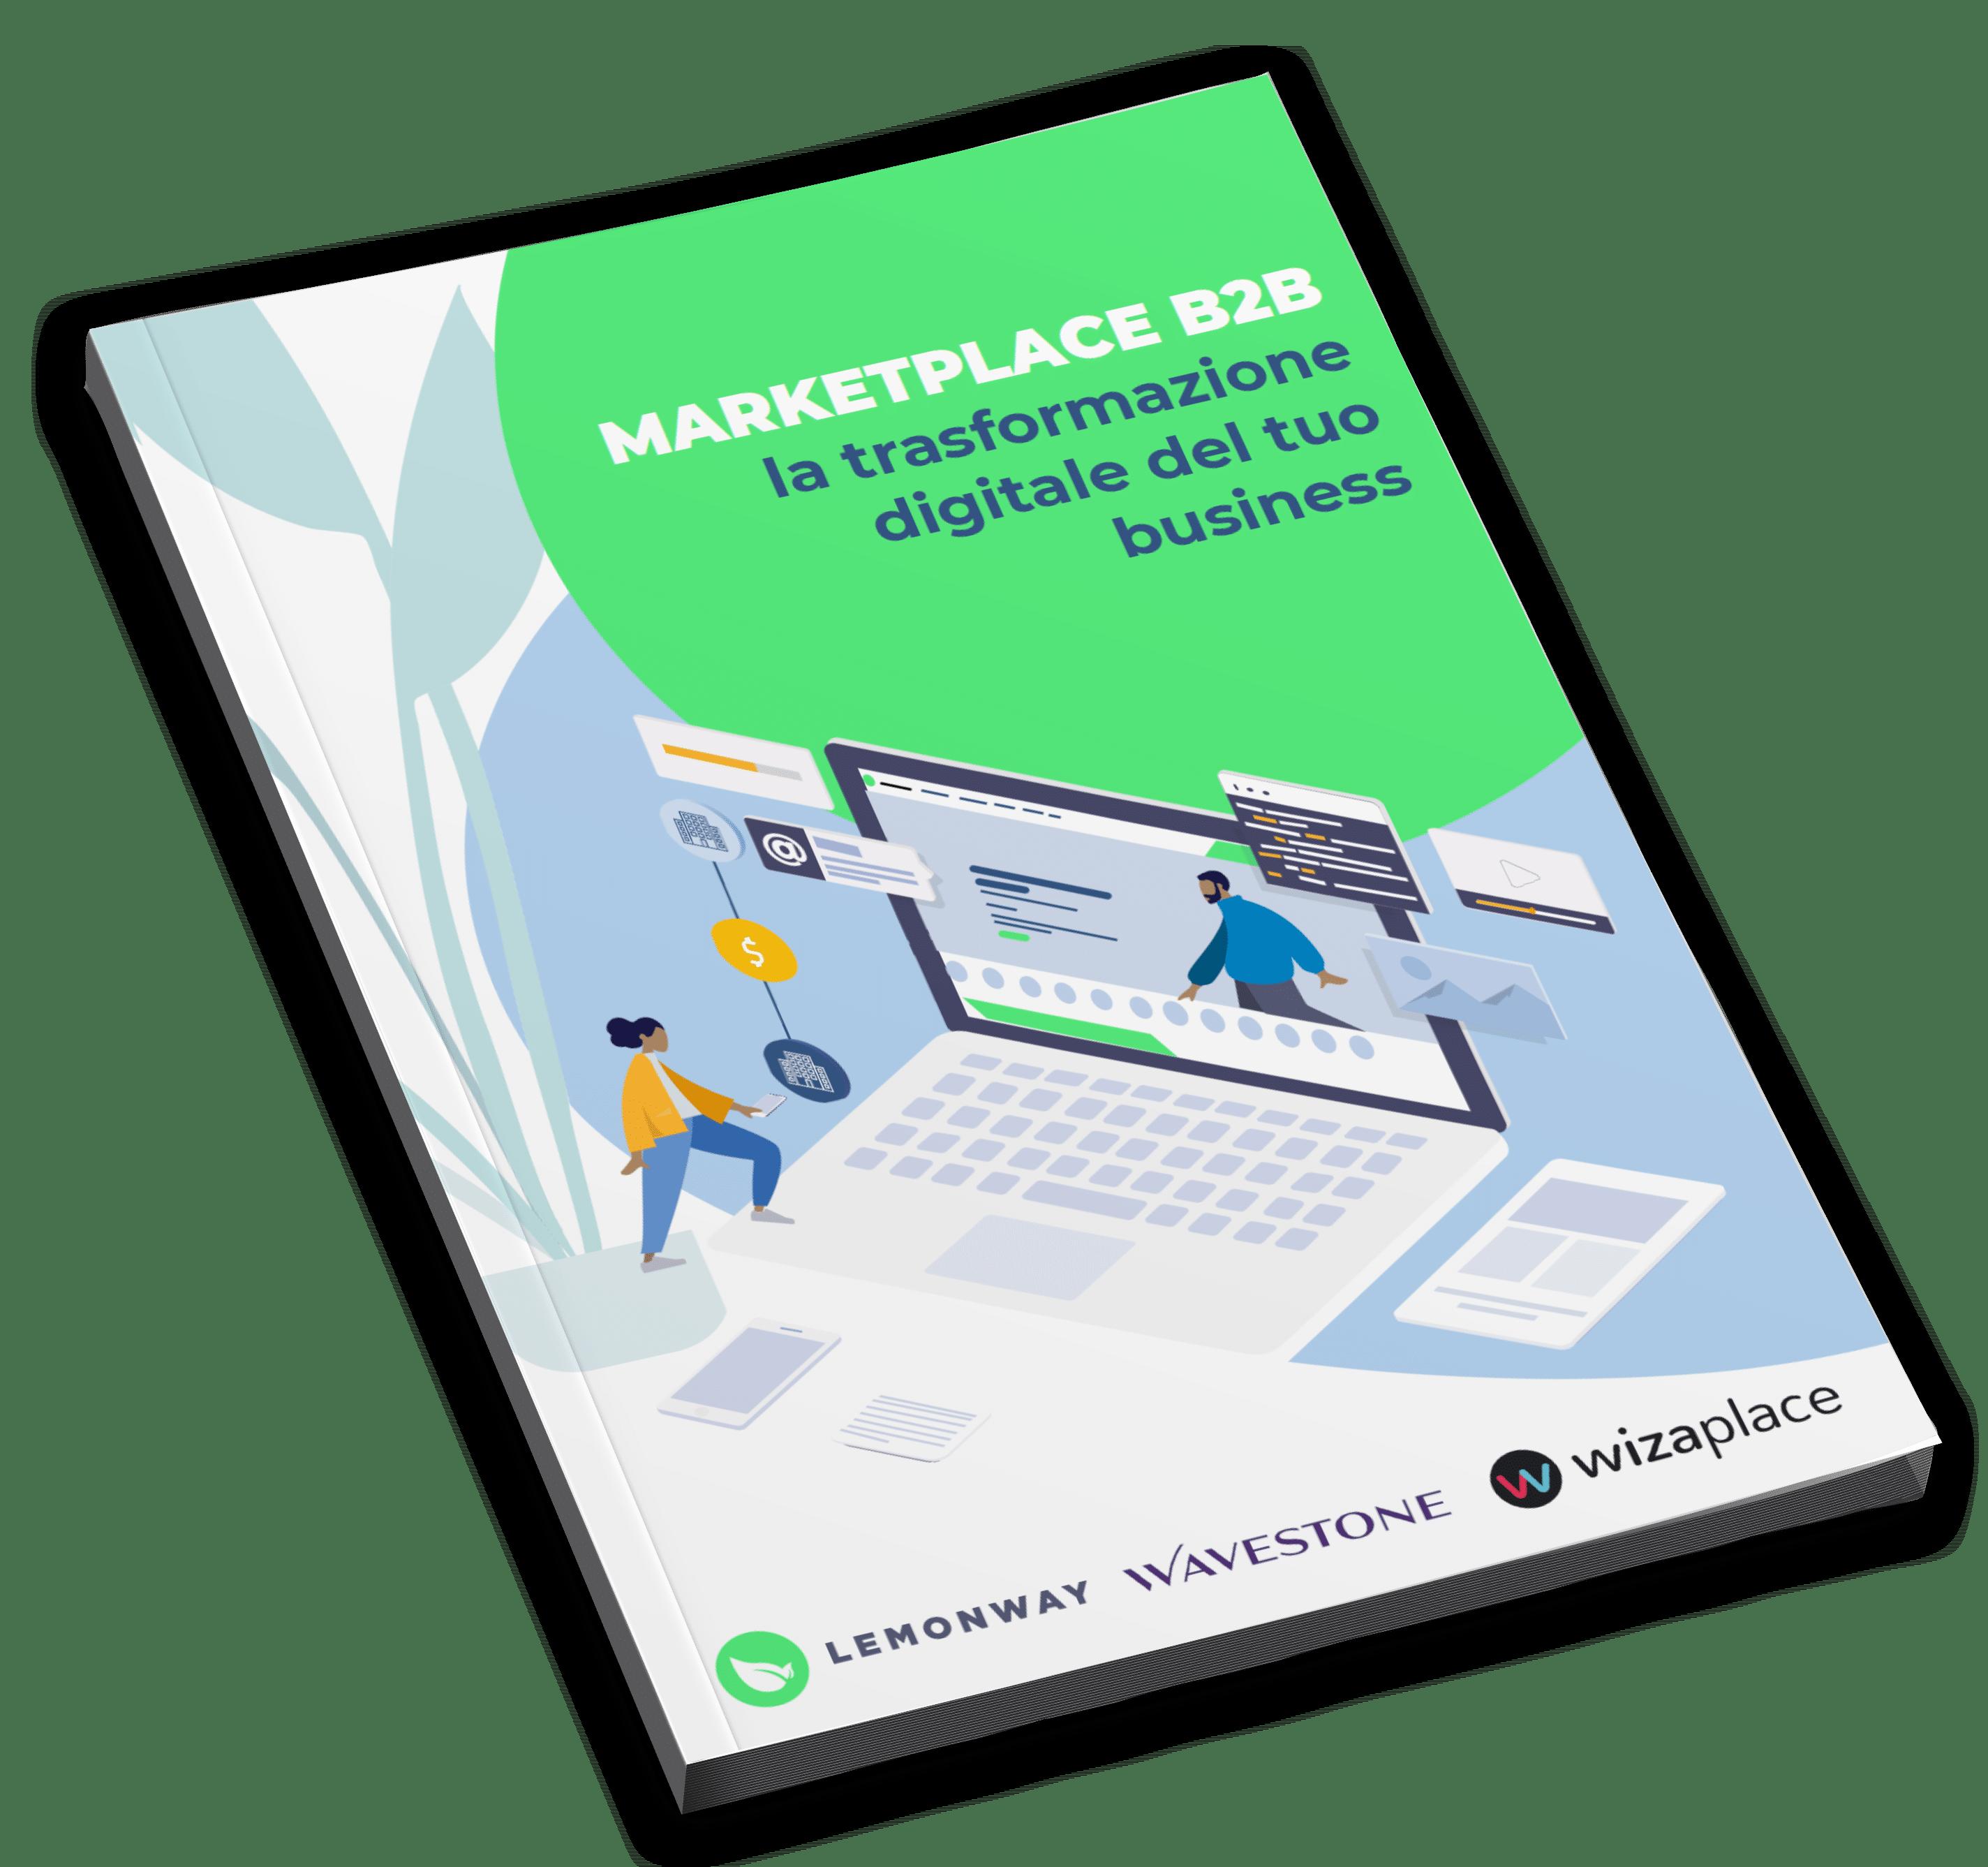 MARKETPLACE B2B - la trasformazione digitale del tuo business